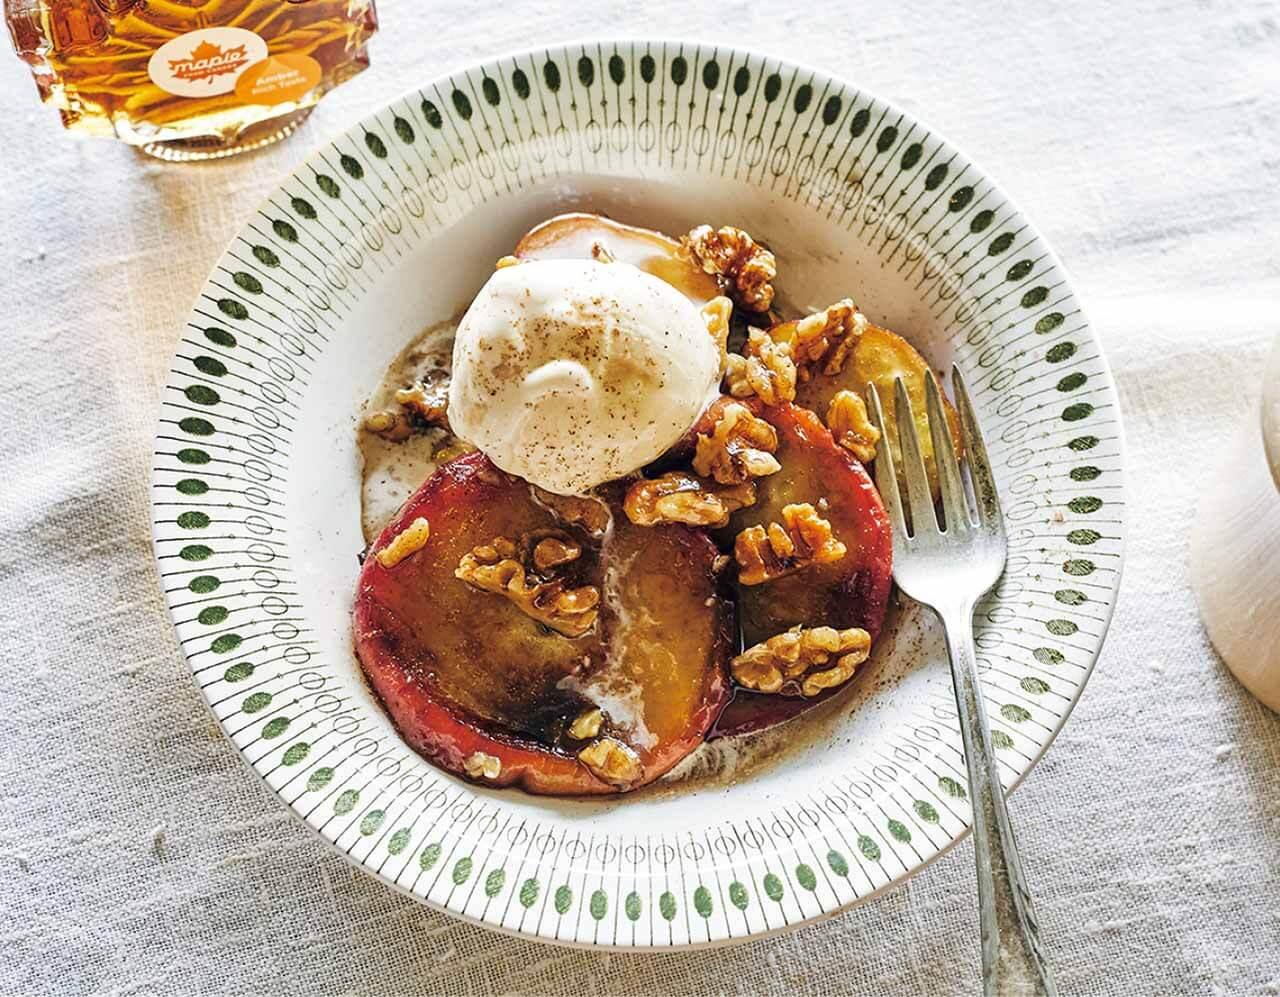 バターの香りとメープルの甘味にうっとり さつまいもとりんごのバターメープルソテー